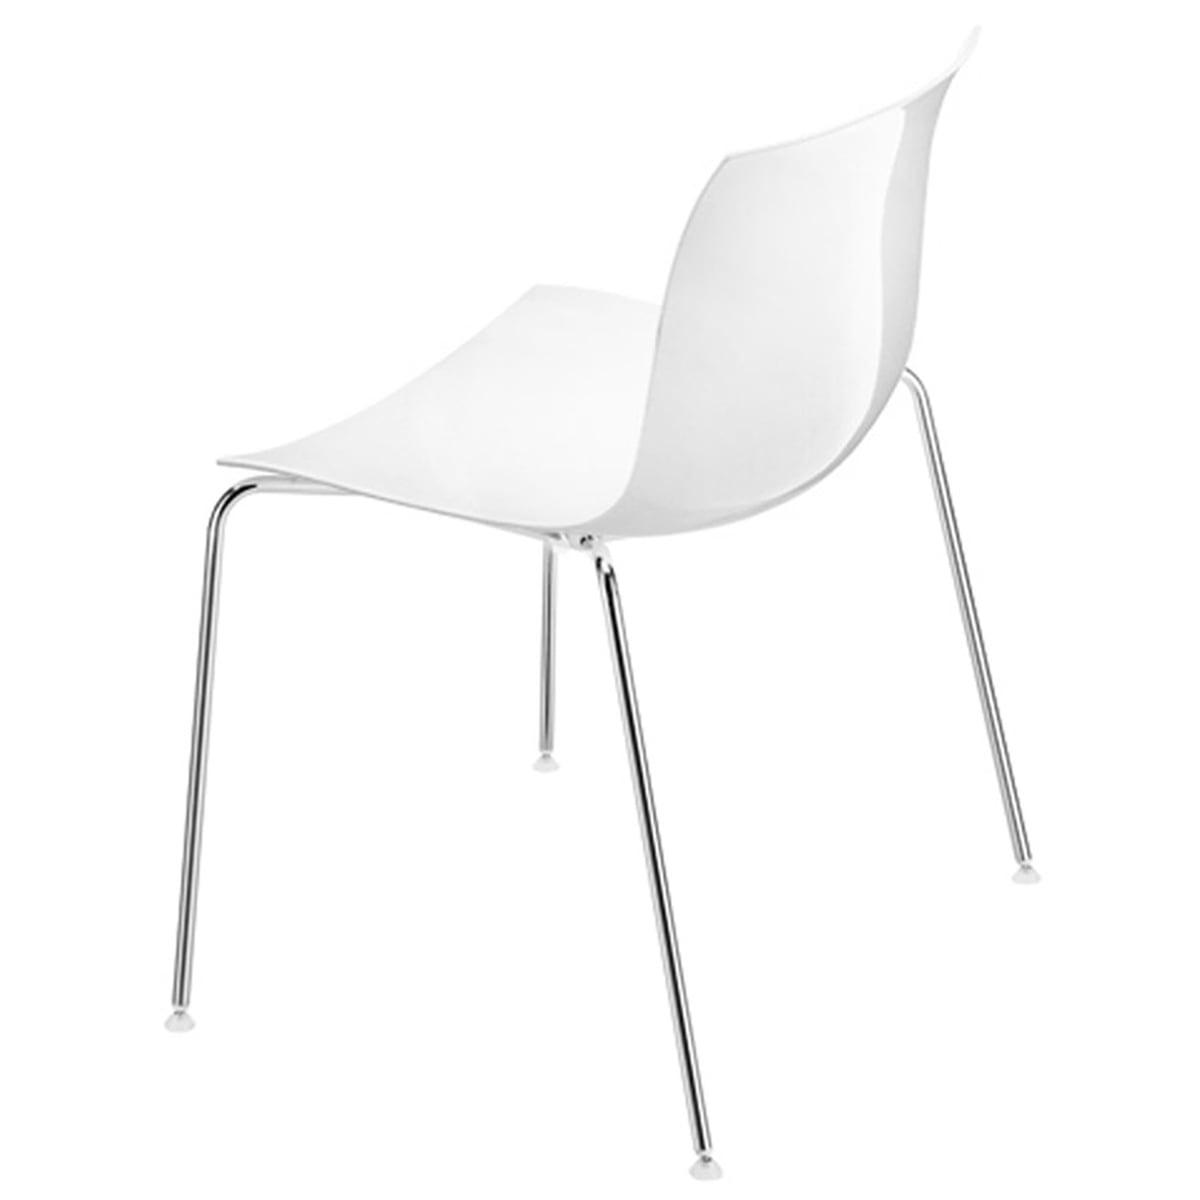 der catifa 53 stuhl vierfussgestell von arper. Black Bedroom Furniture Sets. Home Design Ideas